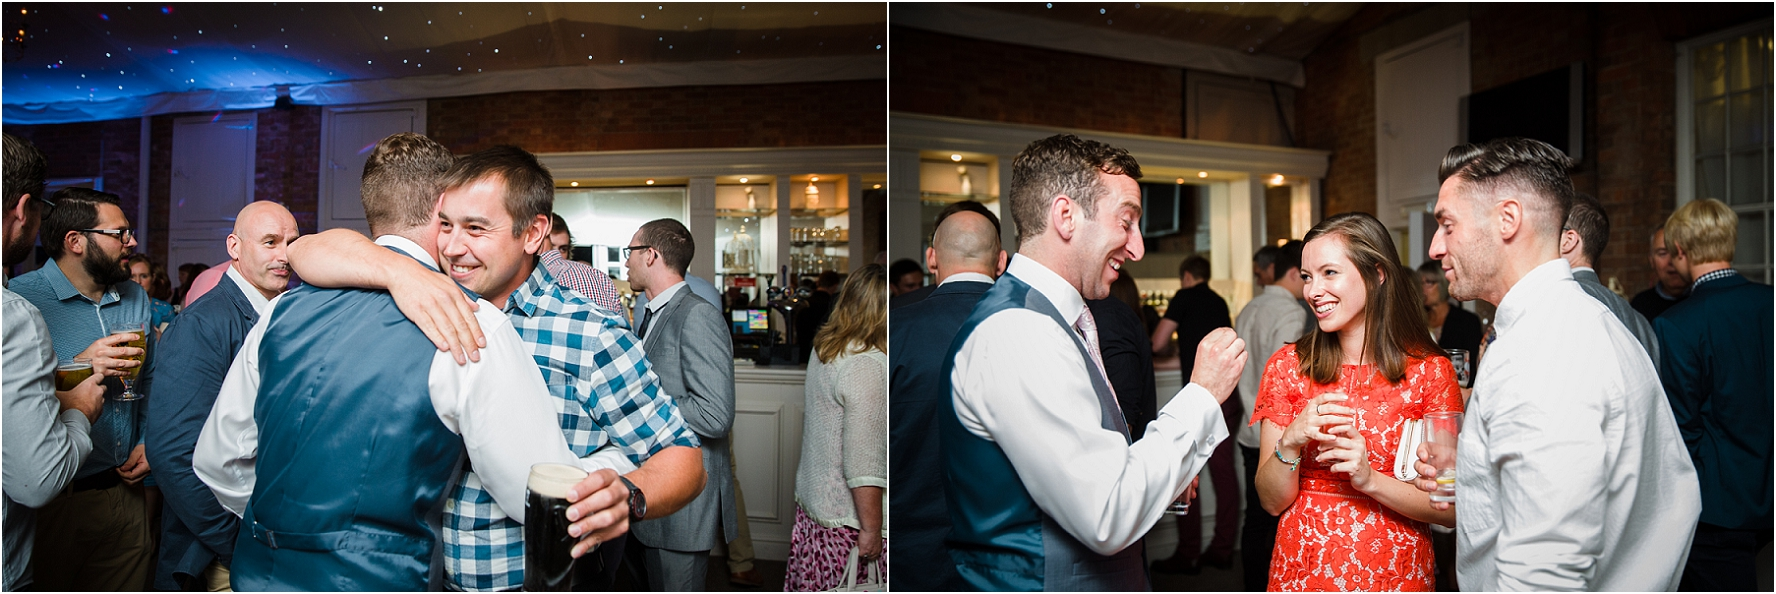 wedding-photography-norwood-park_0103